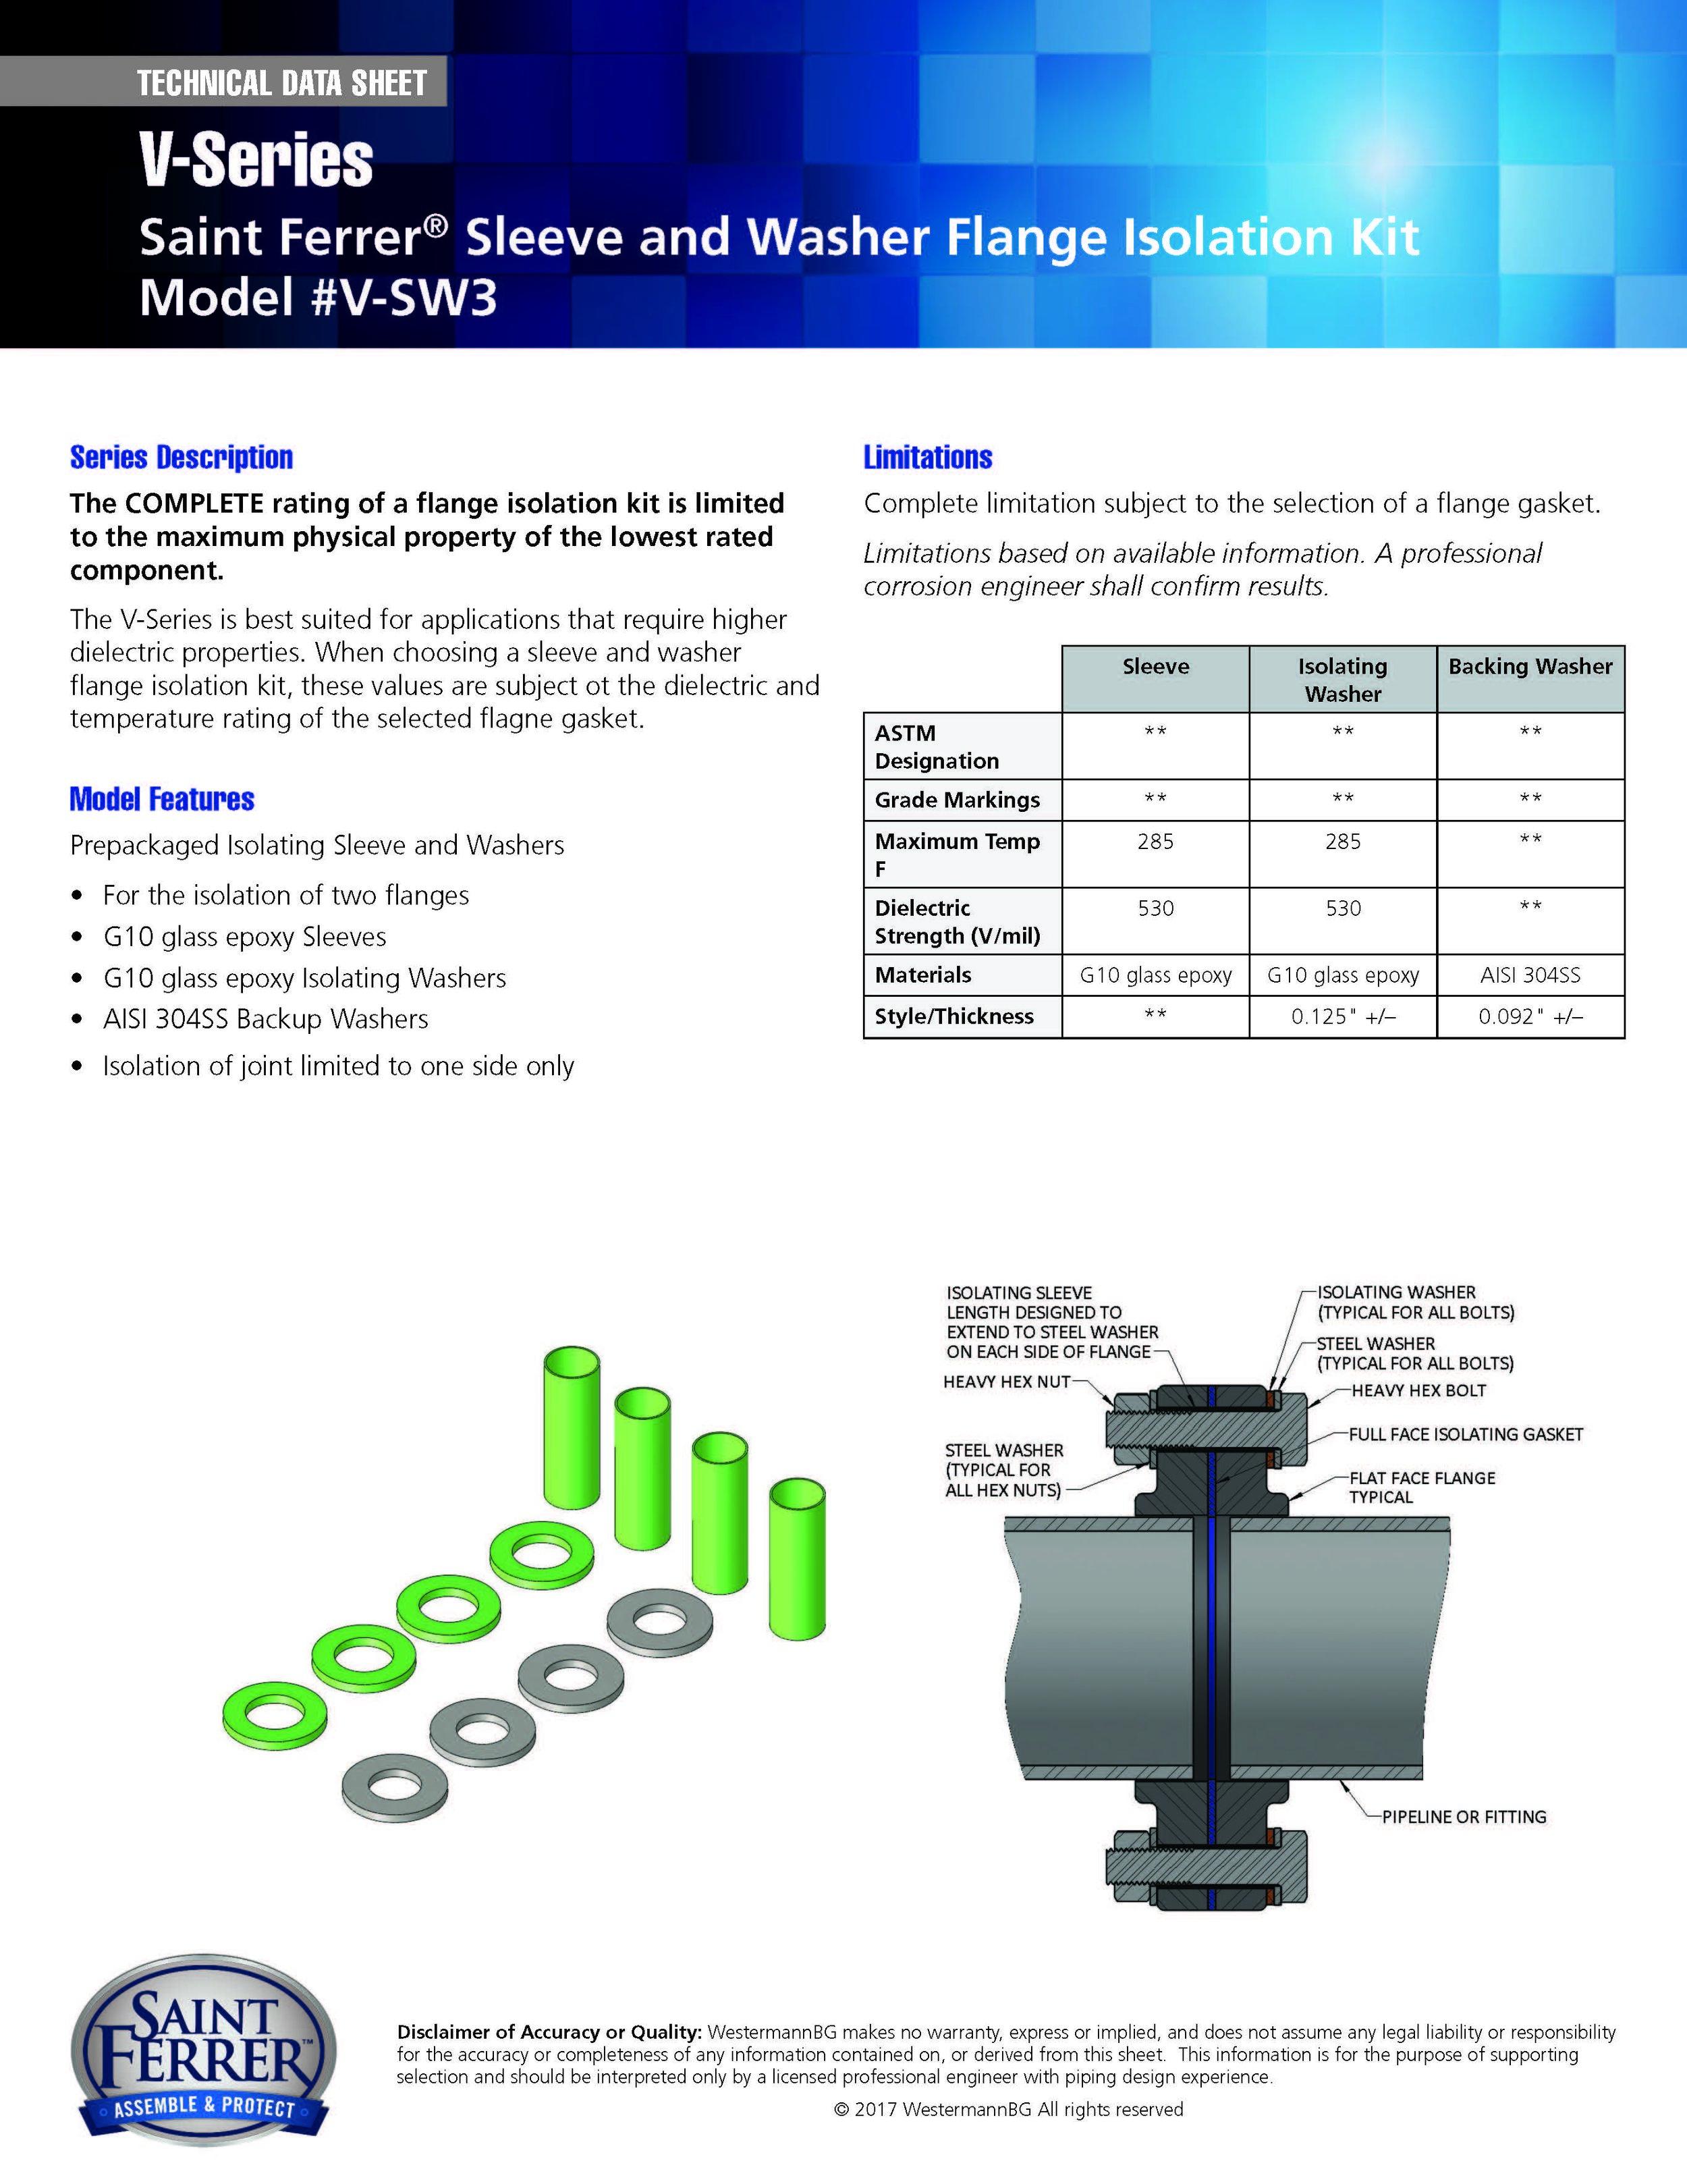 SF_Data_Sheet_V_Series_V-SW3.jpg